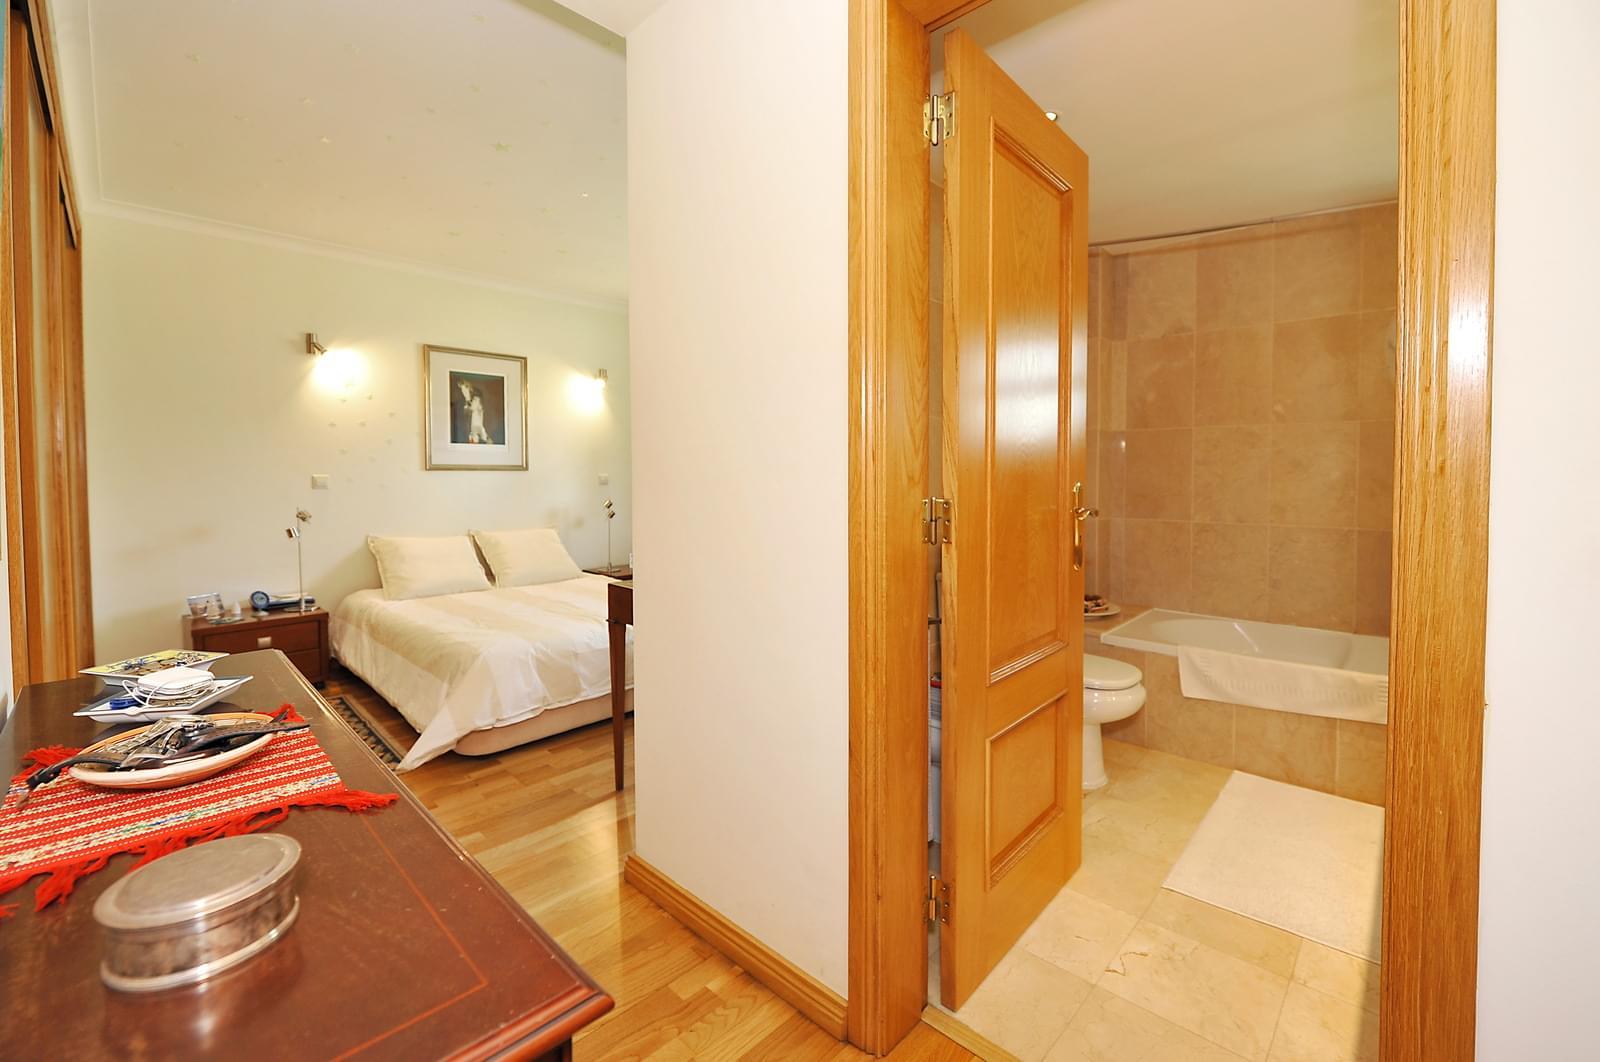 pf17941-apartamento-t3-oeiras-a9d27e49-6696-4557-8496-903bf5644a3f